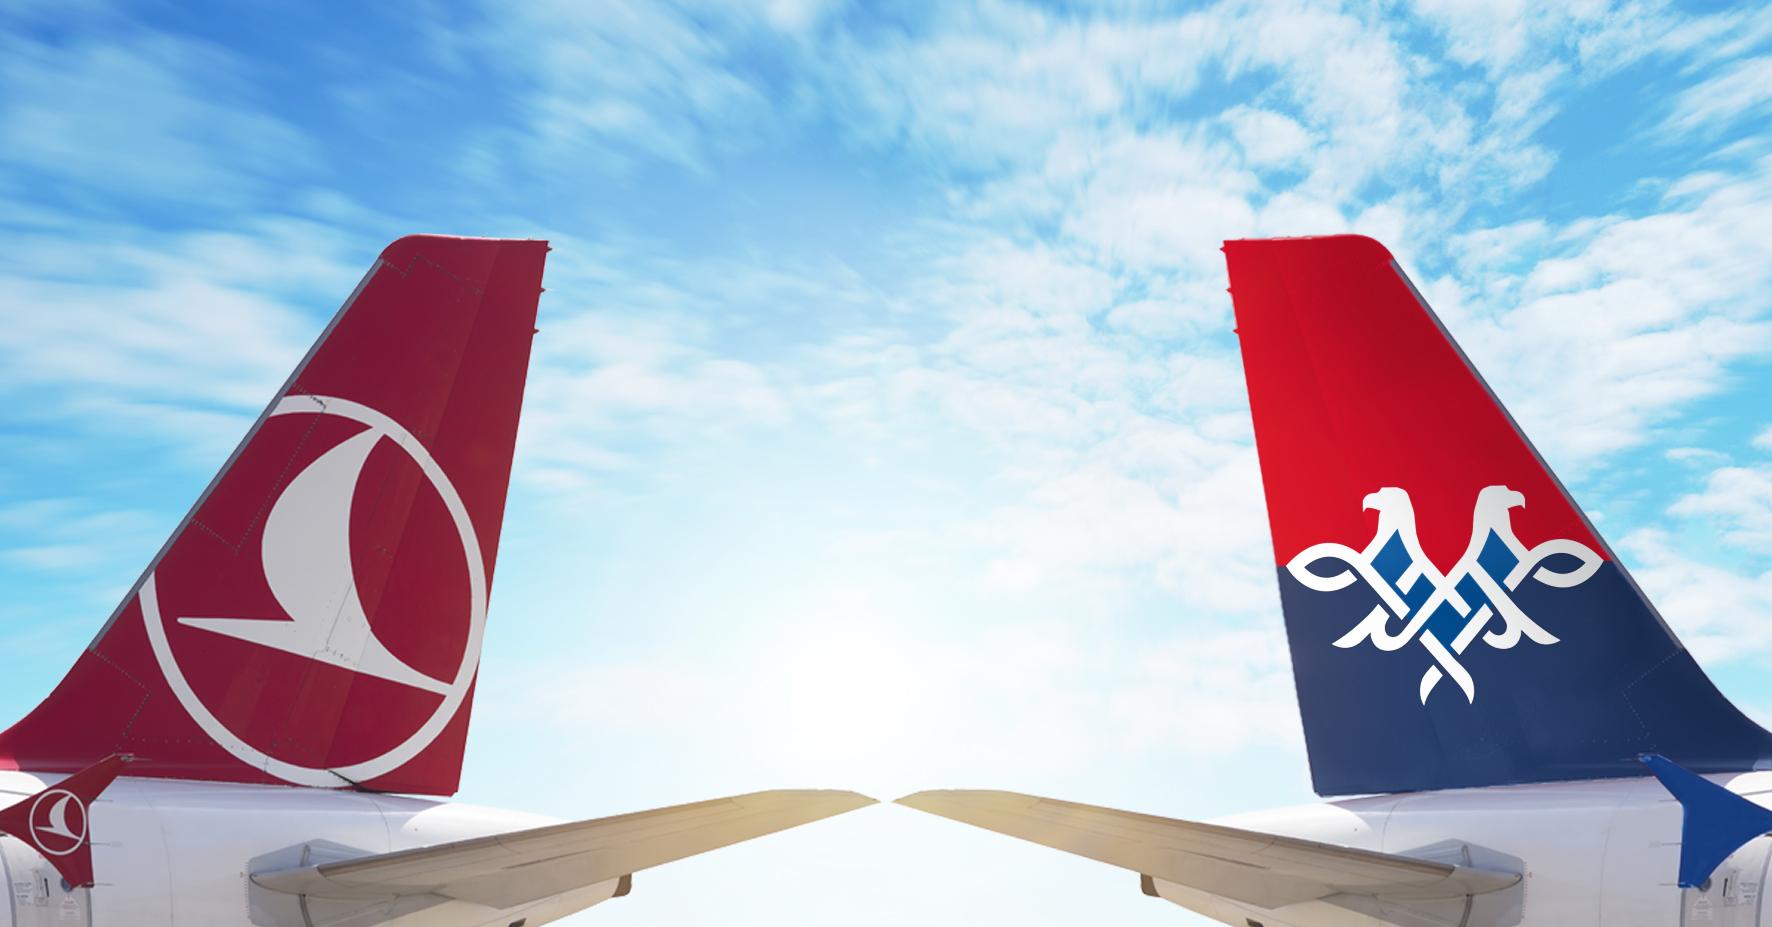 Er Srbija i Turkiš erlajnz postigli sporazum o uspostavljanju kod-šer letova između Beograda i Istanbula!